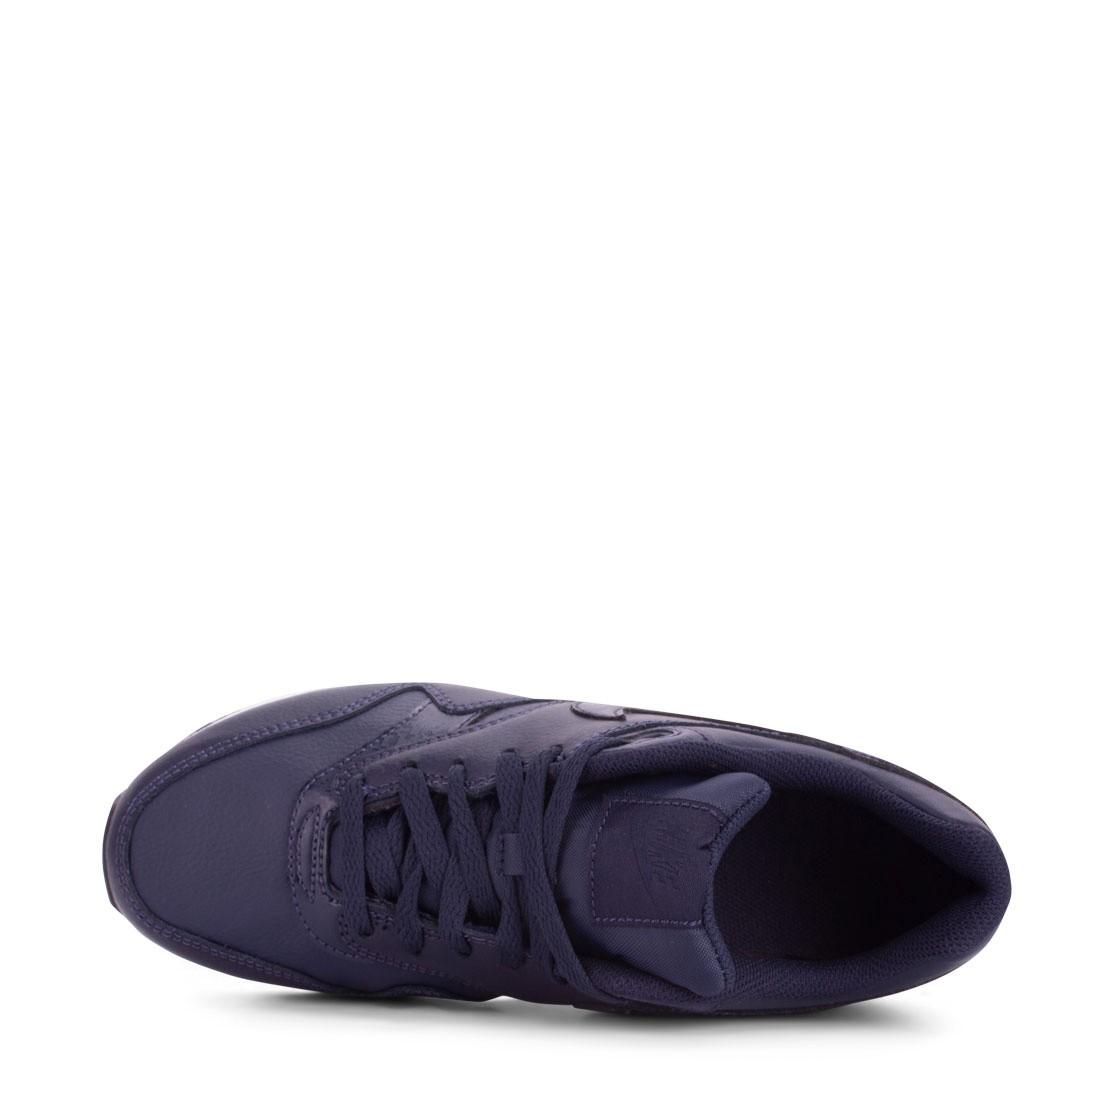 Afbeelding van Nike Air Max 1 Kids